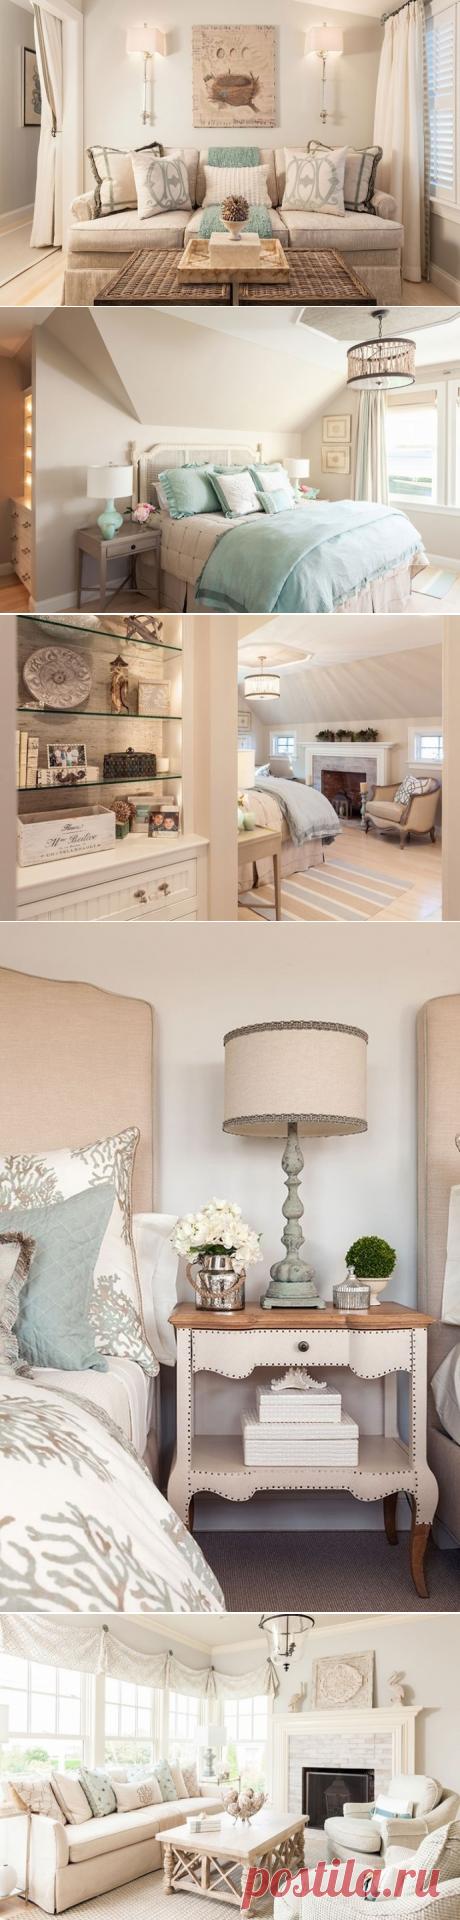 Уютный и нежный интерьер - Дизайн интерьеров   Идеи вашего дома   Lodgers